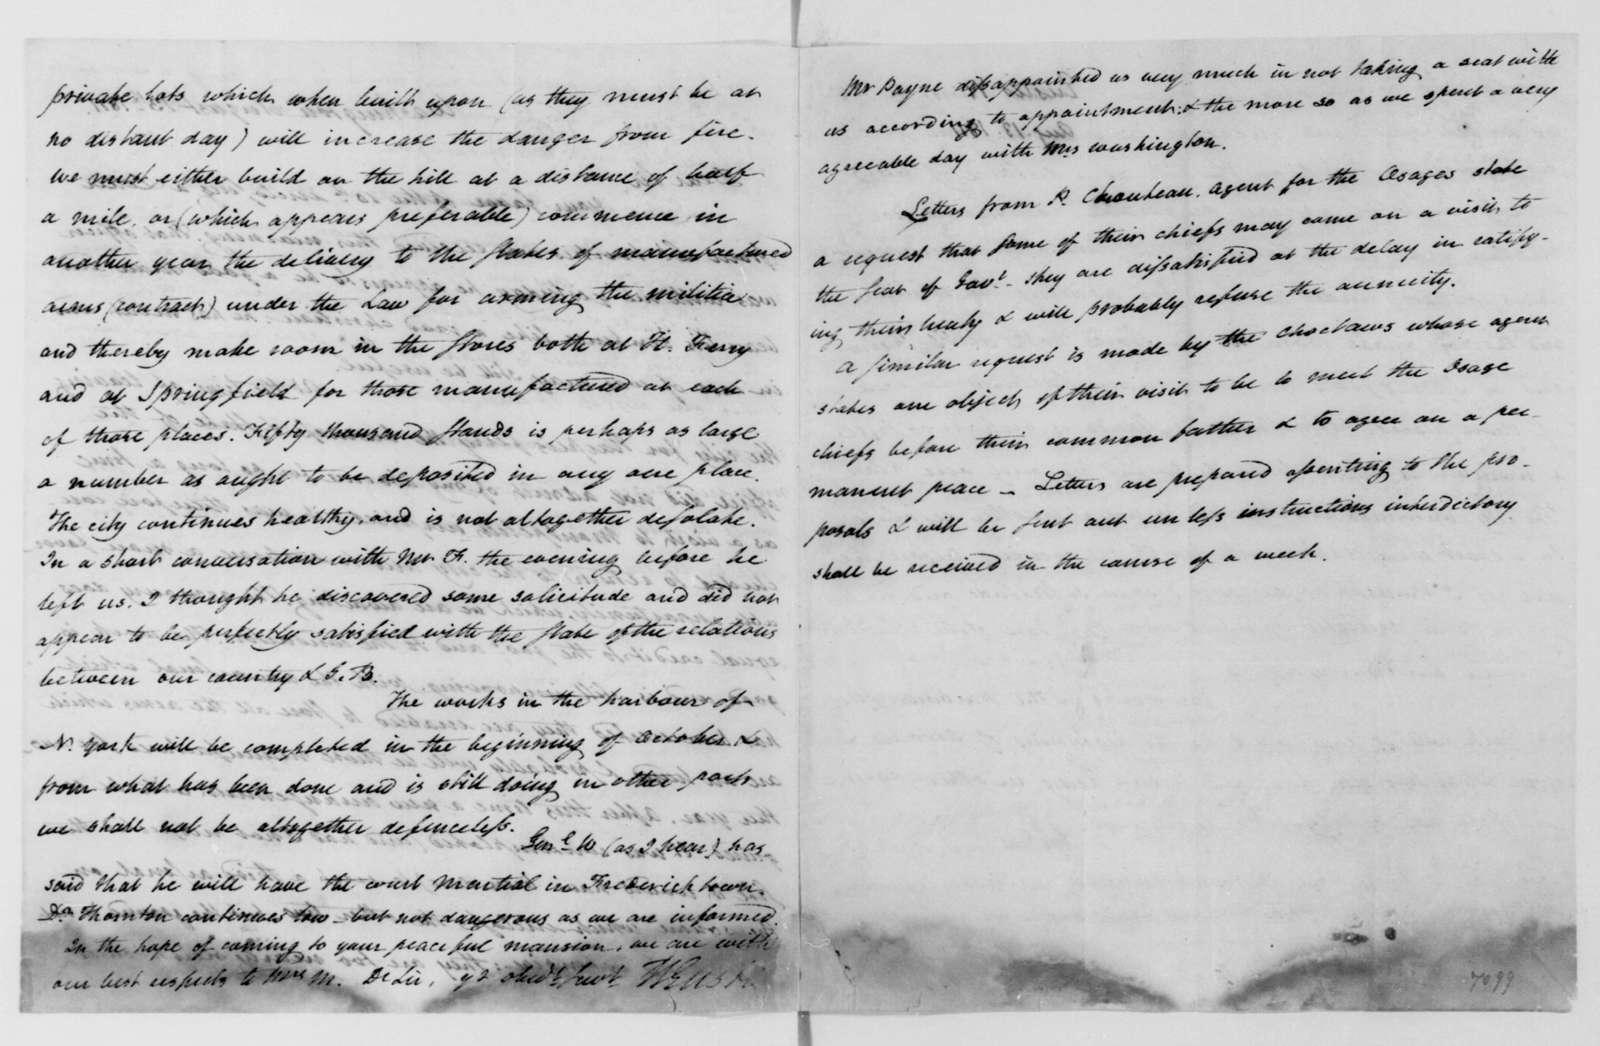 William Eustis to James Madison, August 13, 1811.